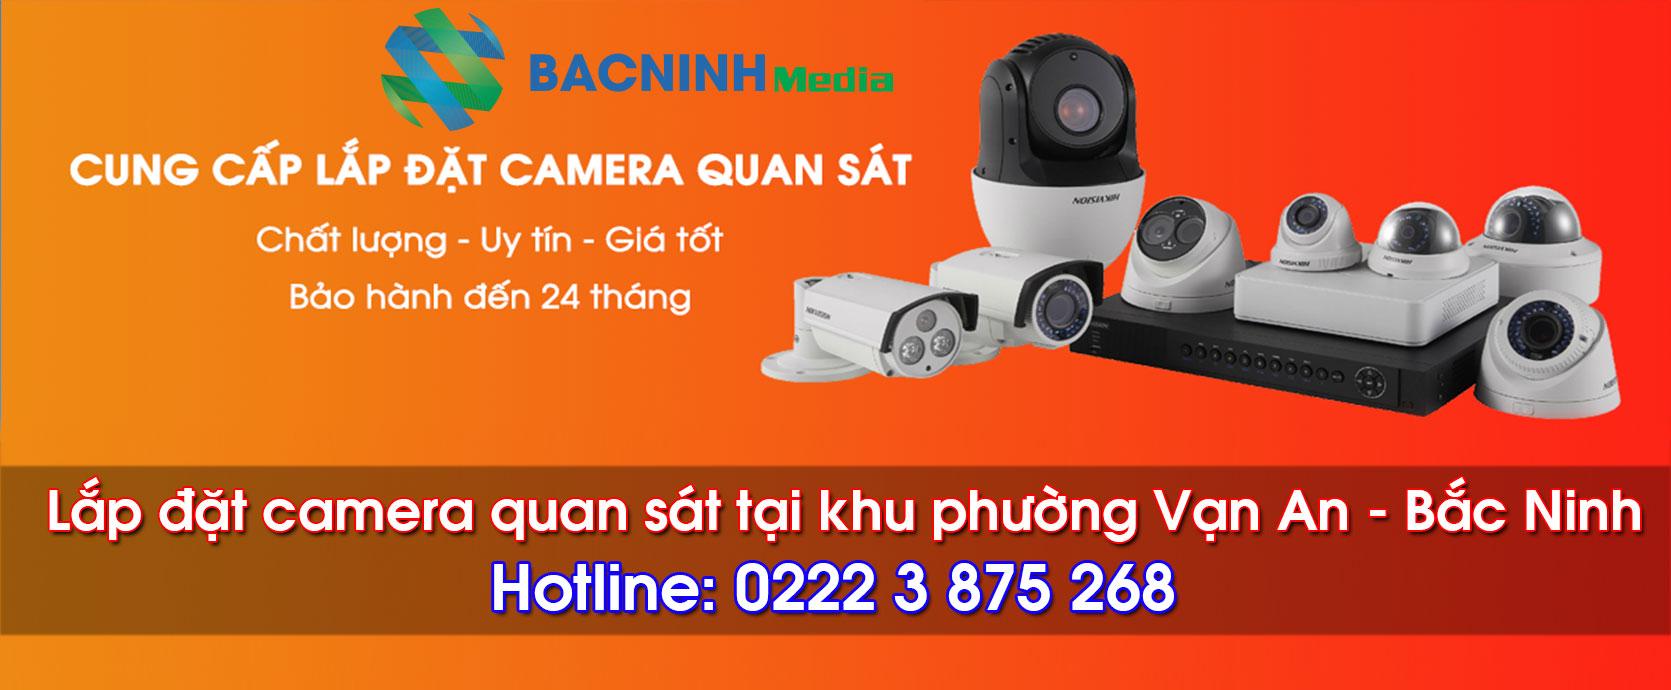 Lắp đặt camera quan sát tại phường Vạn An Bắc Ninh